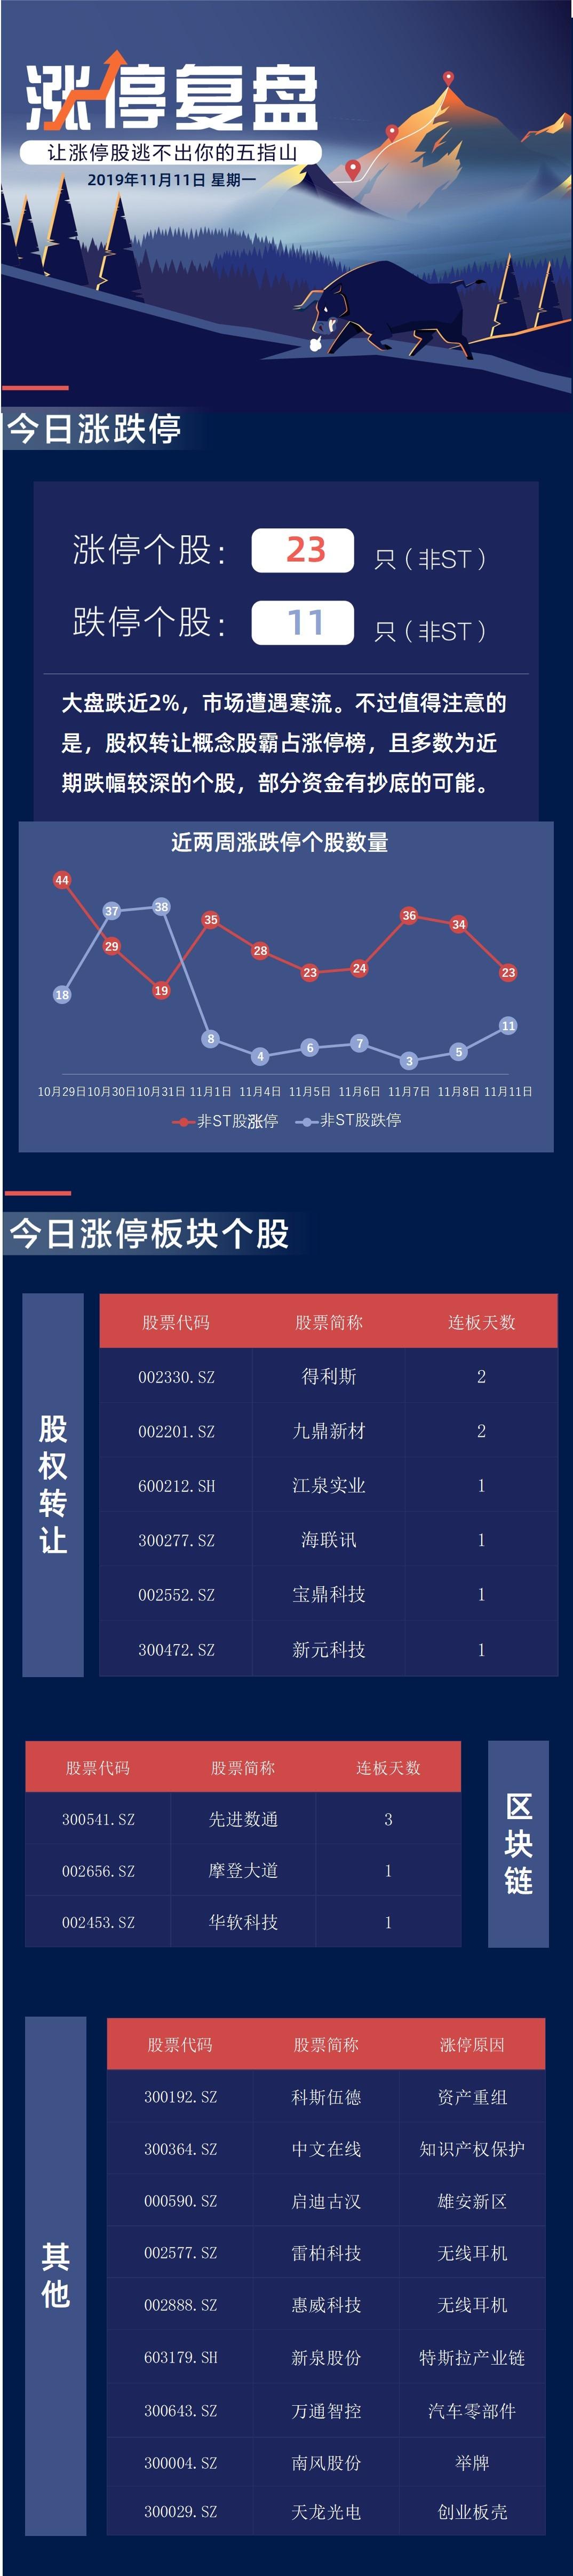 孟宥慈:证券研究格局临重构6问题不容忽视